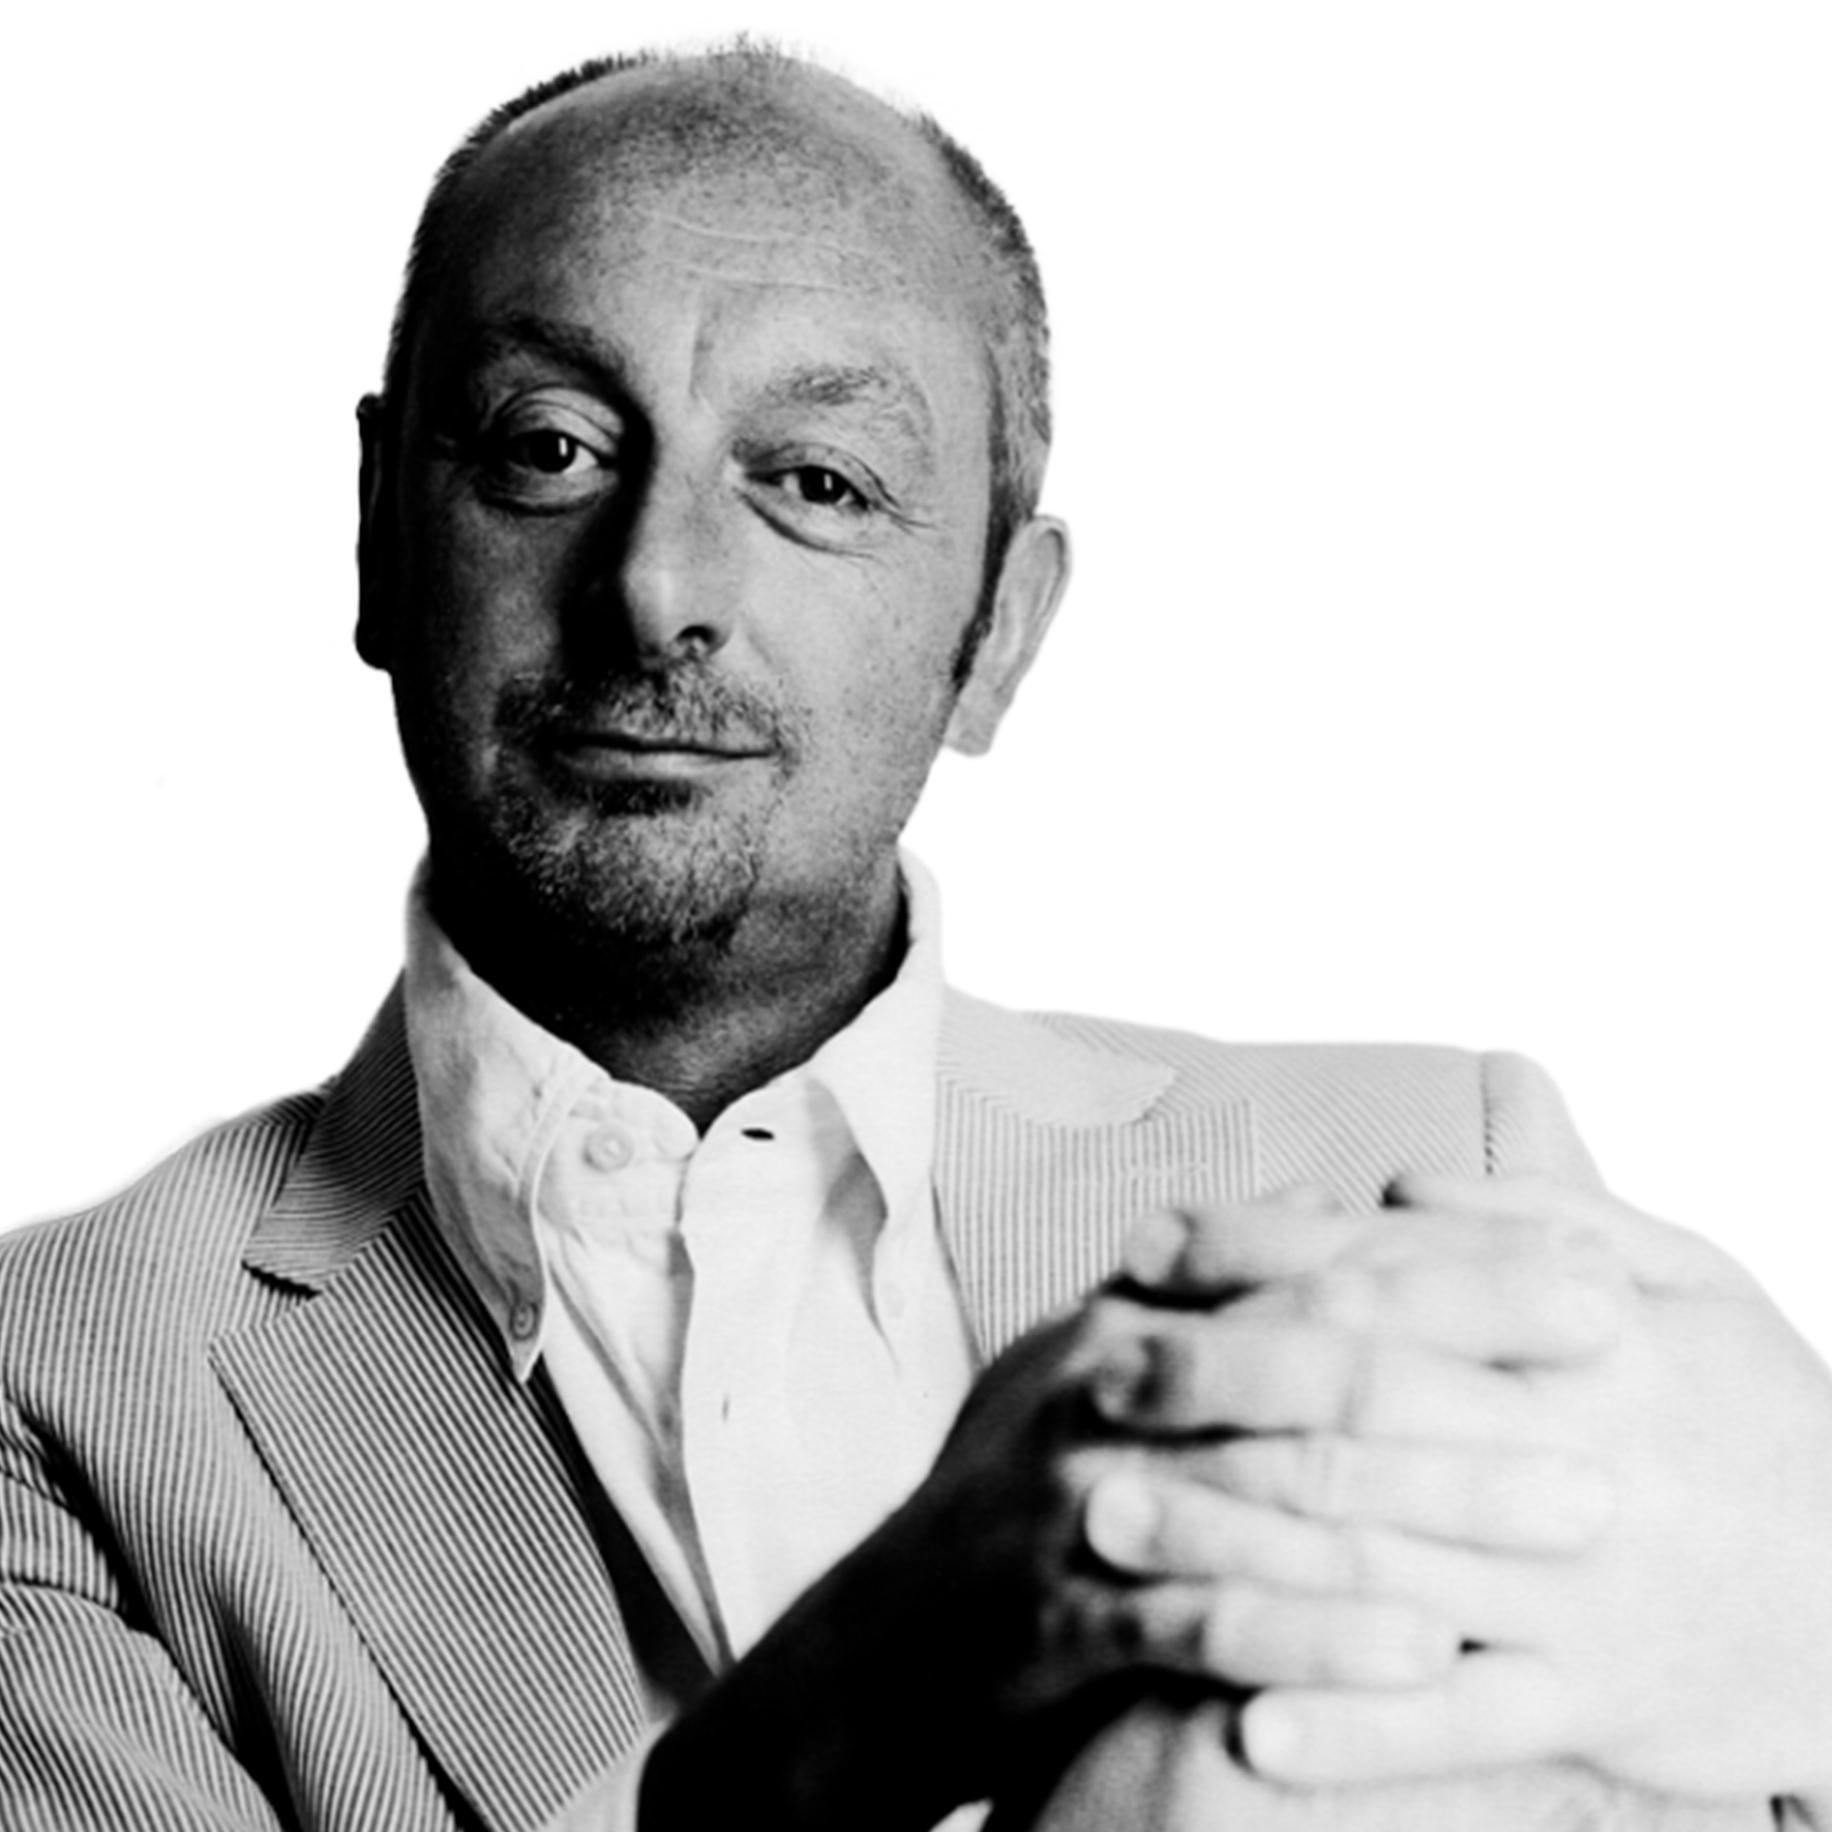 Piero Lissoni (1956)